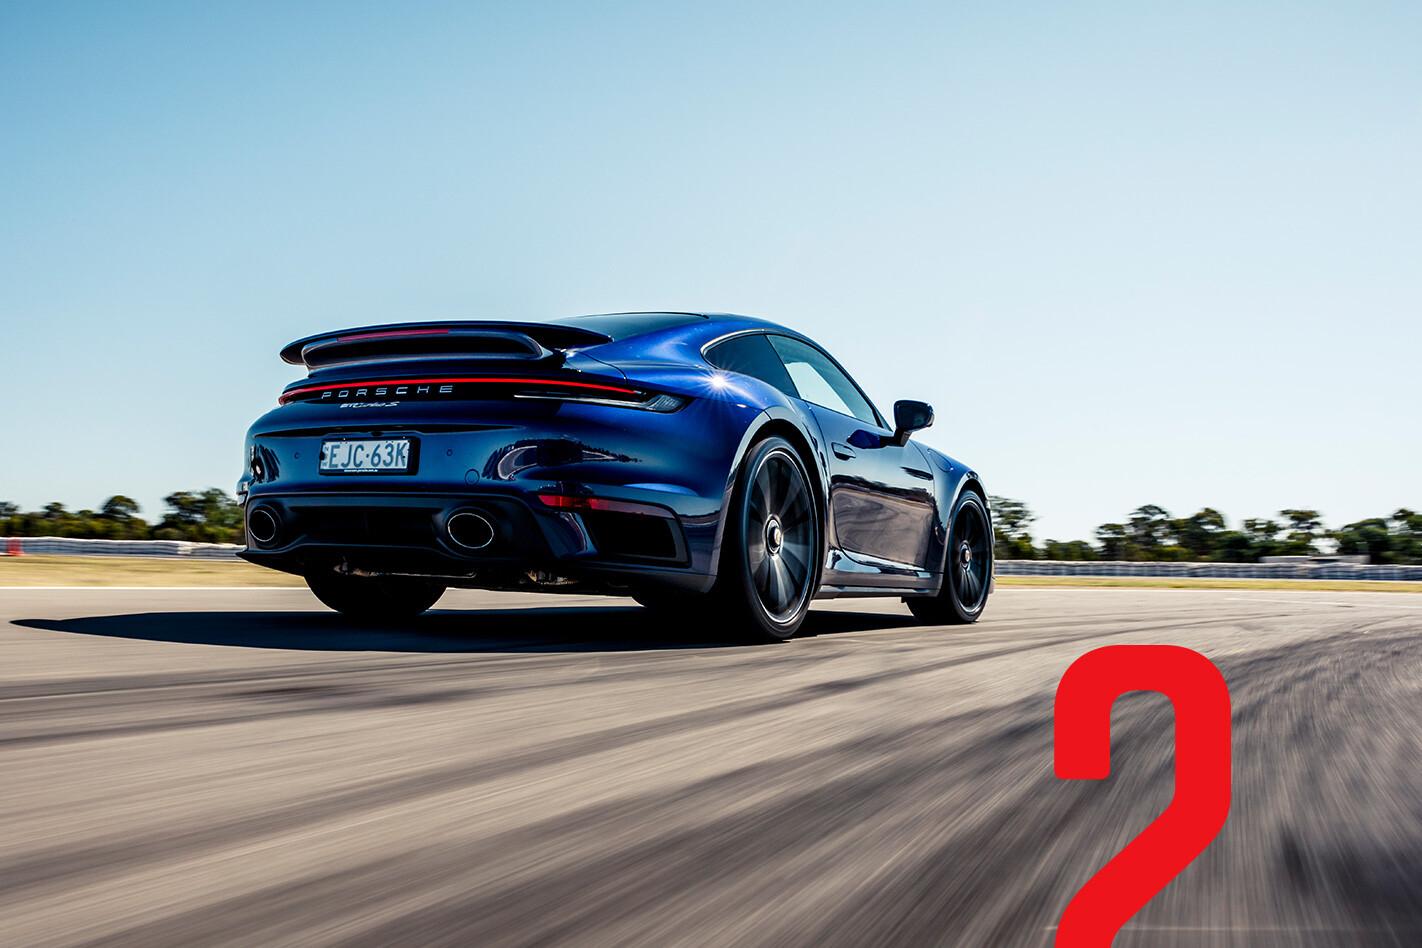 2021 MOTOR PCOTY 2nd place Porsche 911 Turbo S